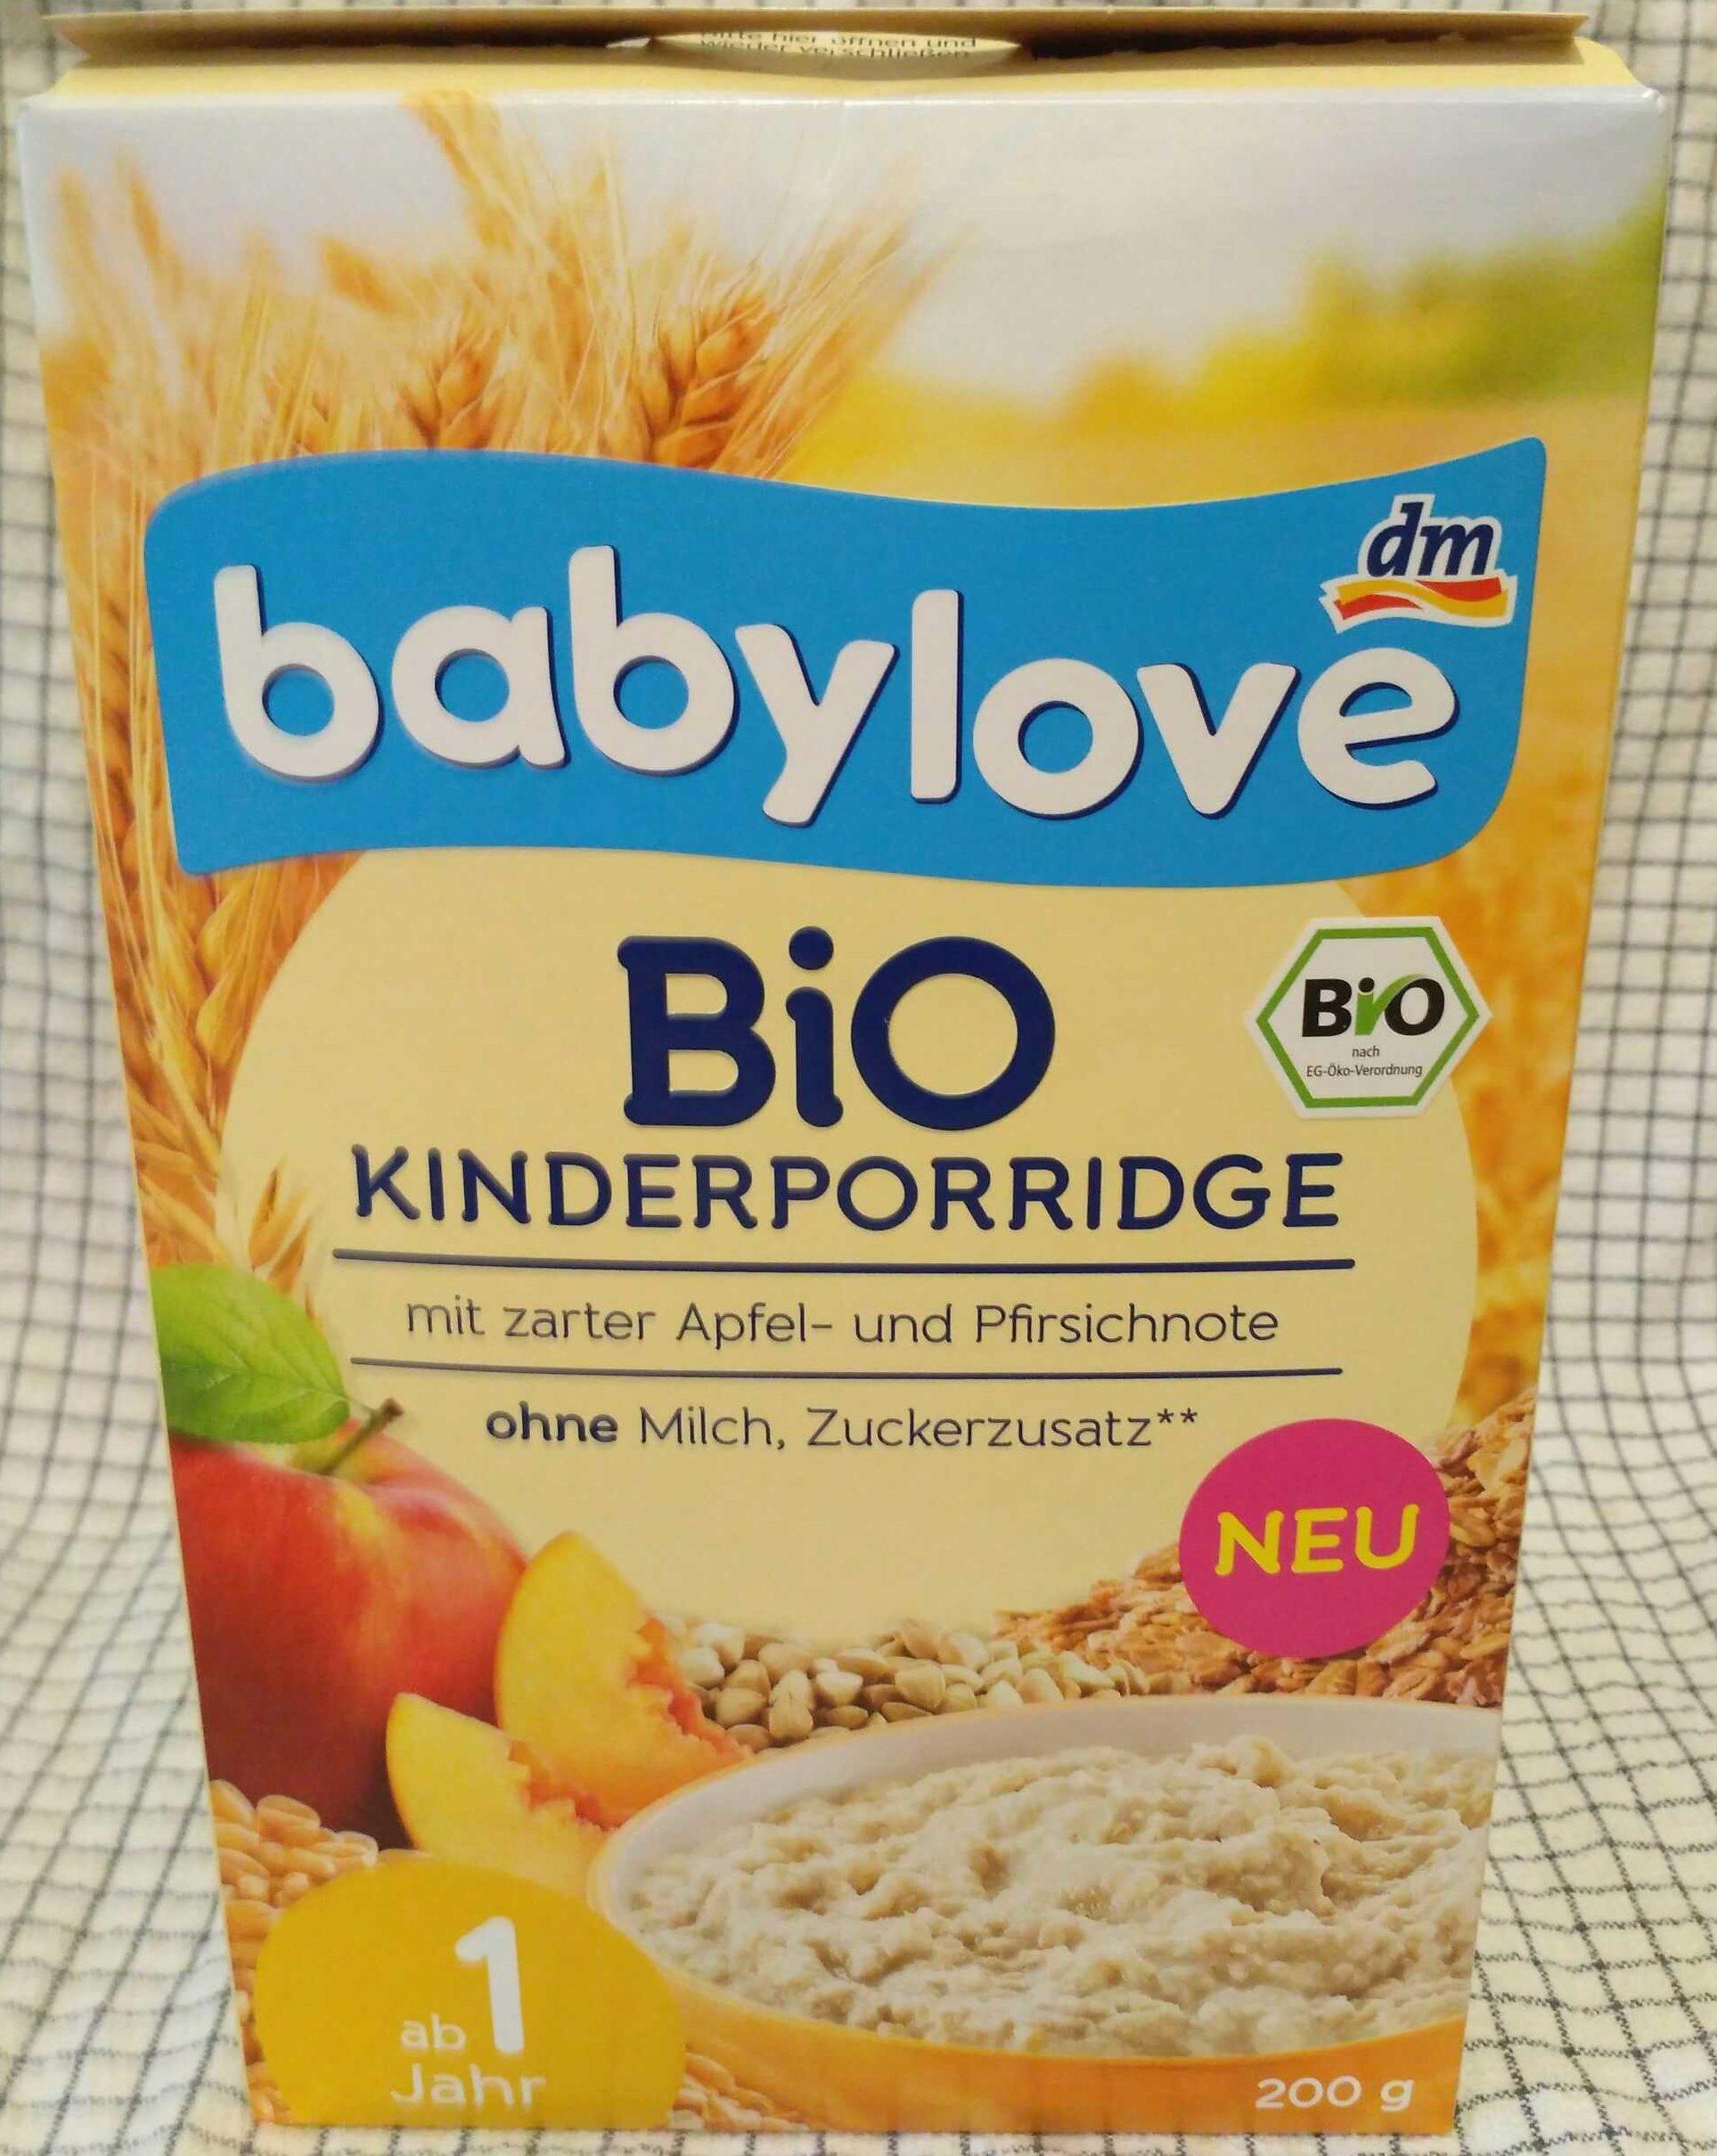 Bio Kinderporridge mit zarter Apfel- und Pfirsichnote ohne Milch, Zuckerzusatz - Product - de